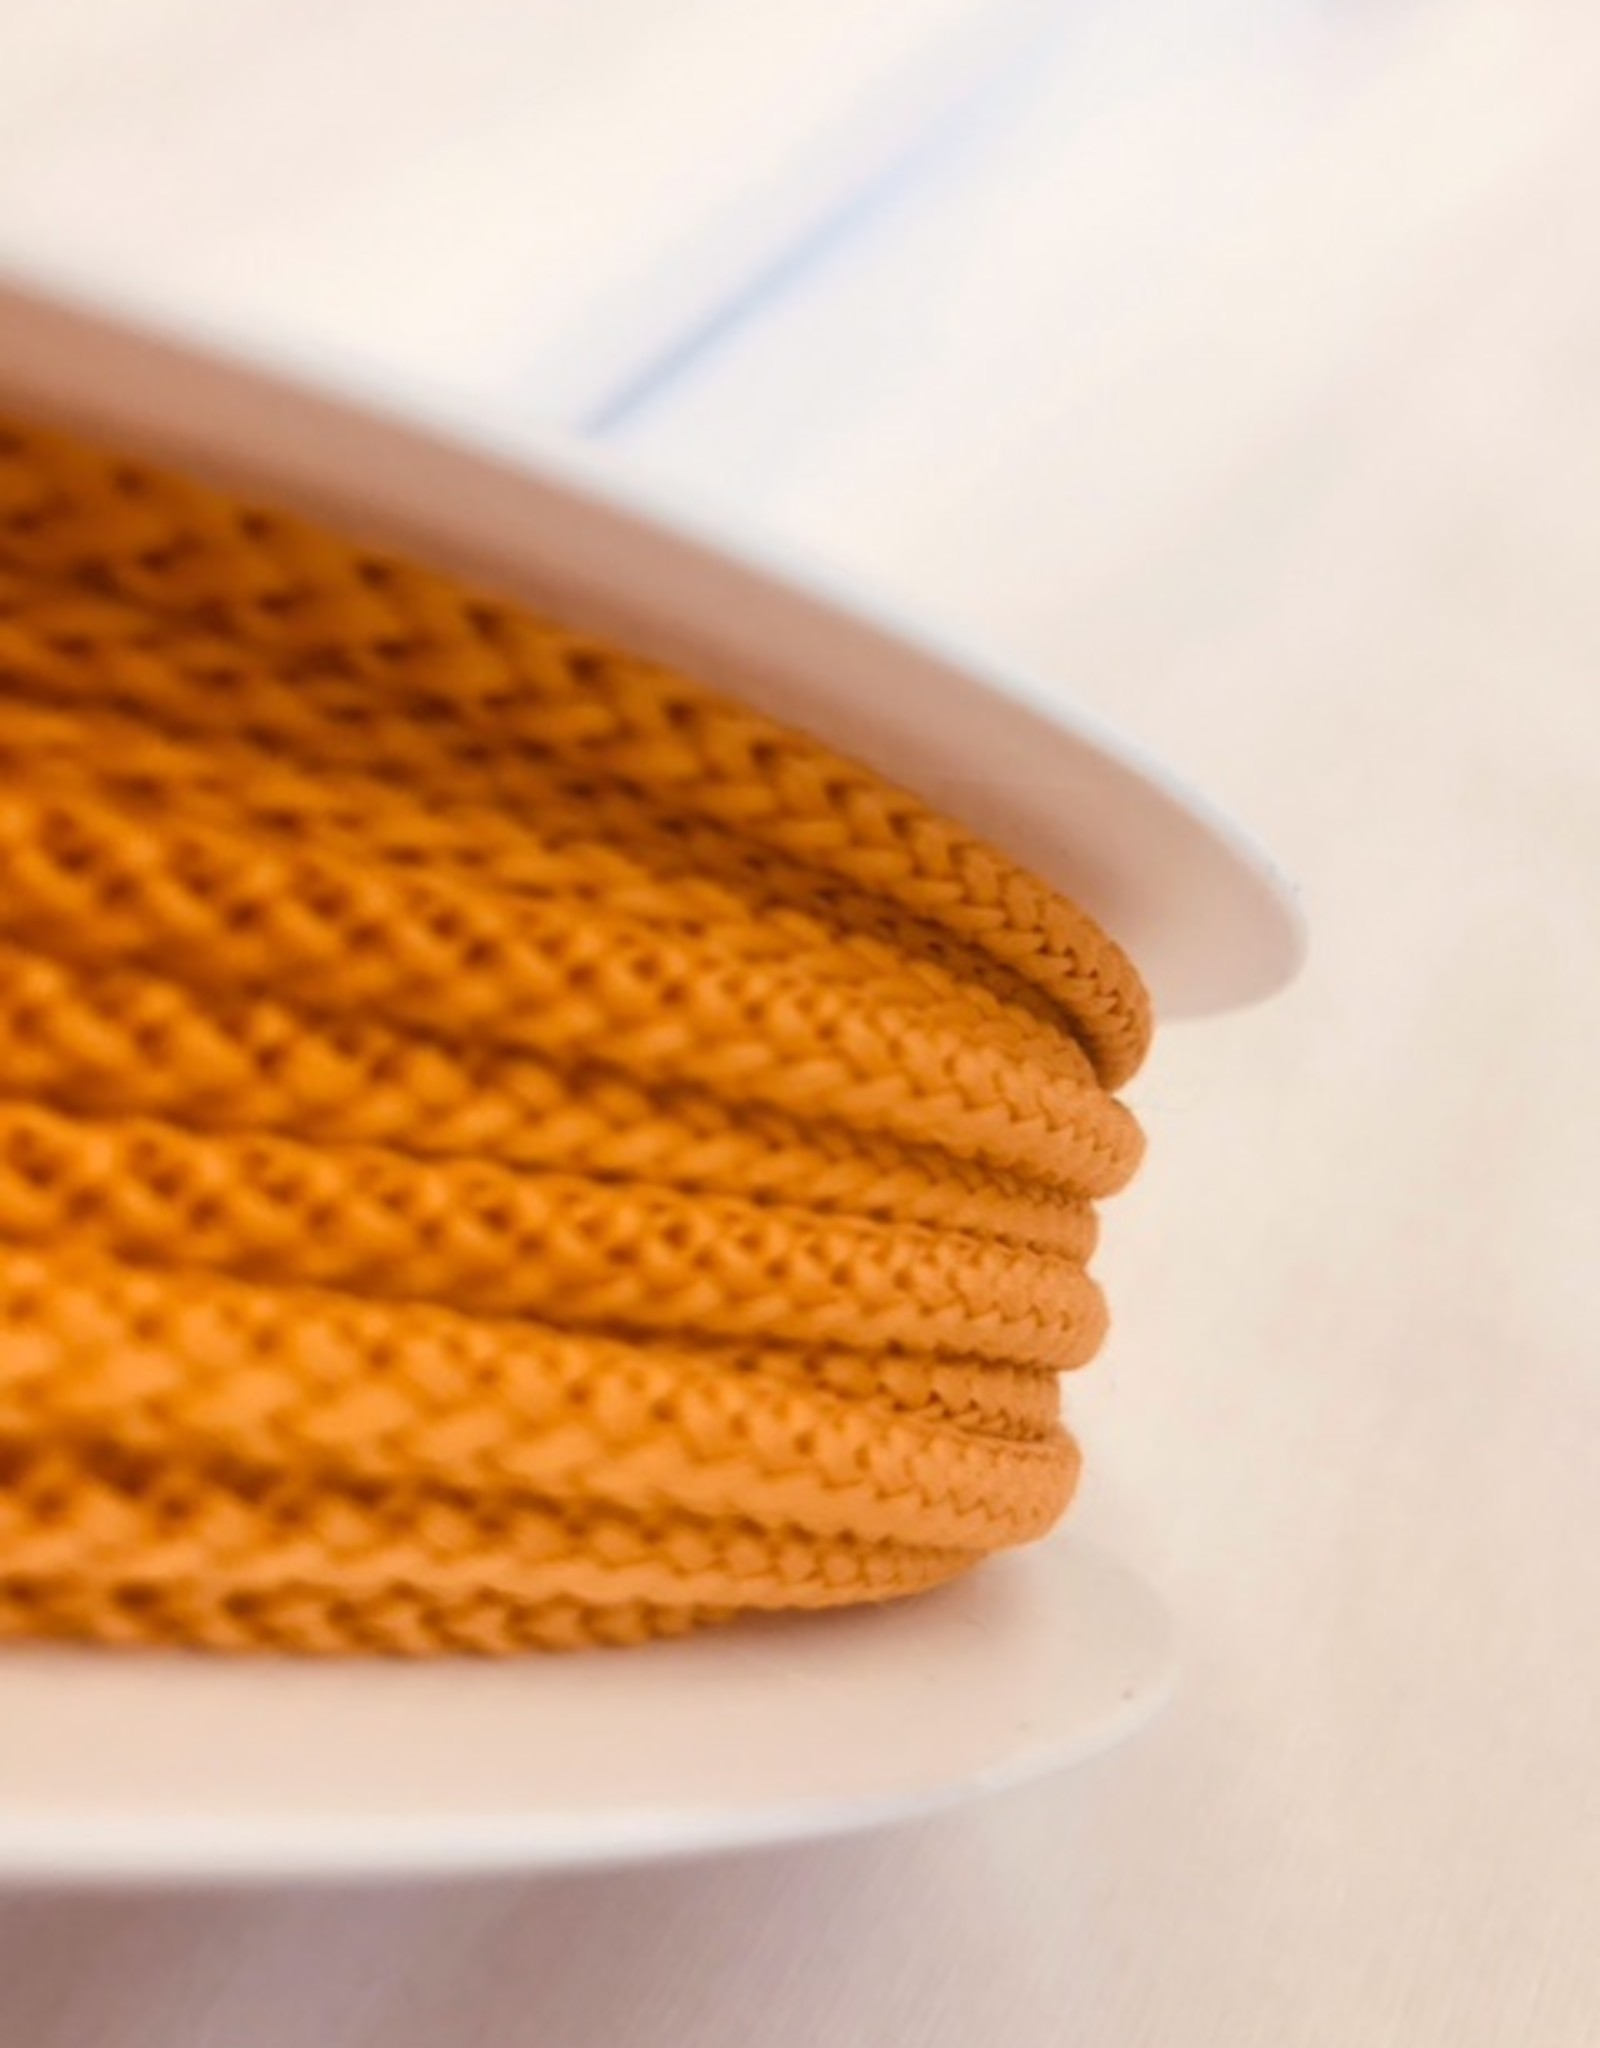 Anorakkoord licht elastisch 4.5mm oker